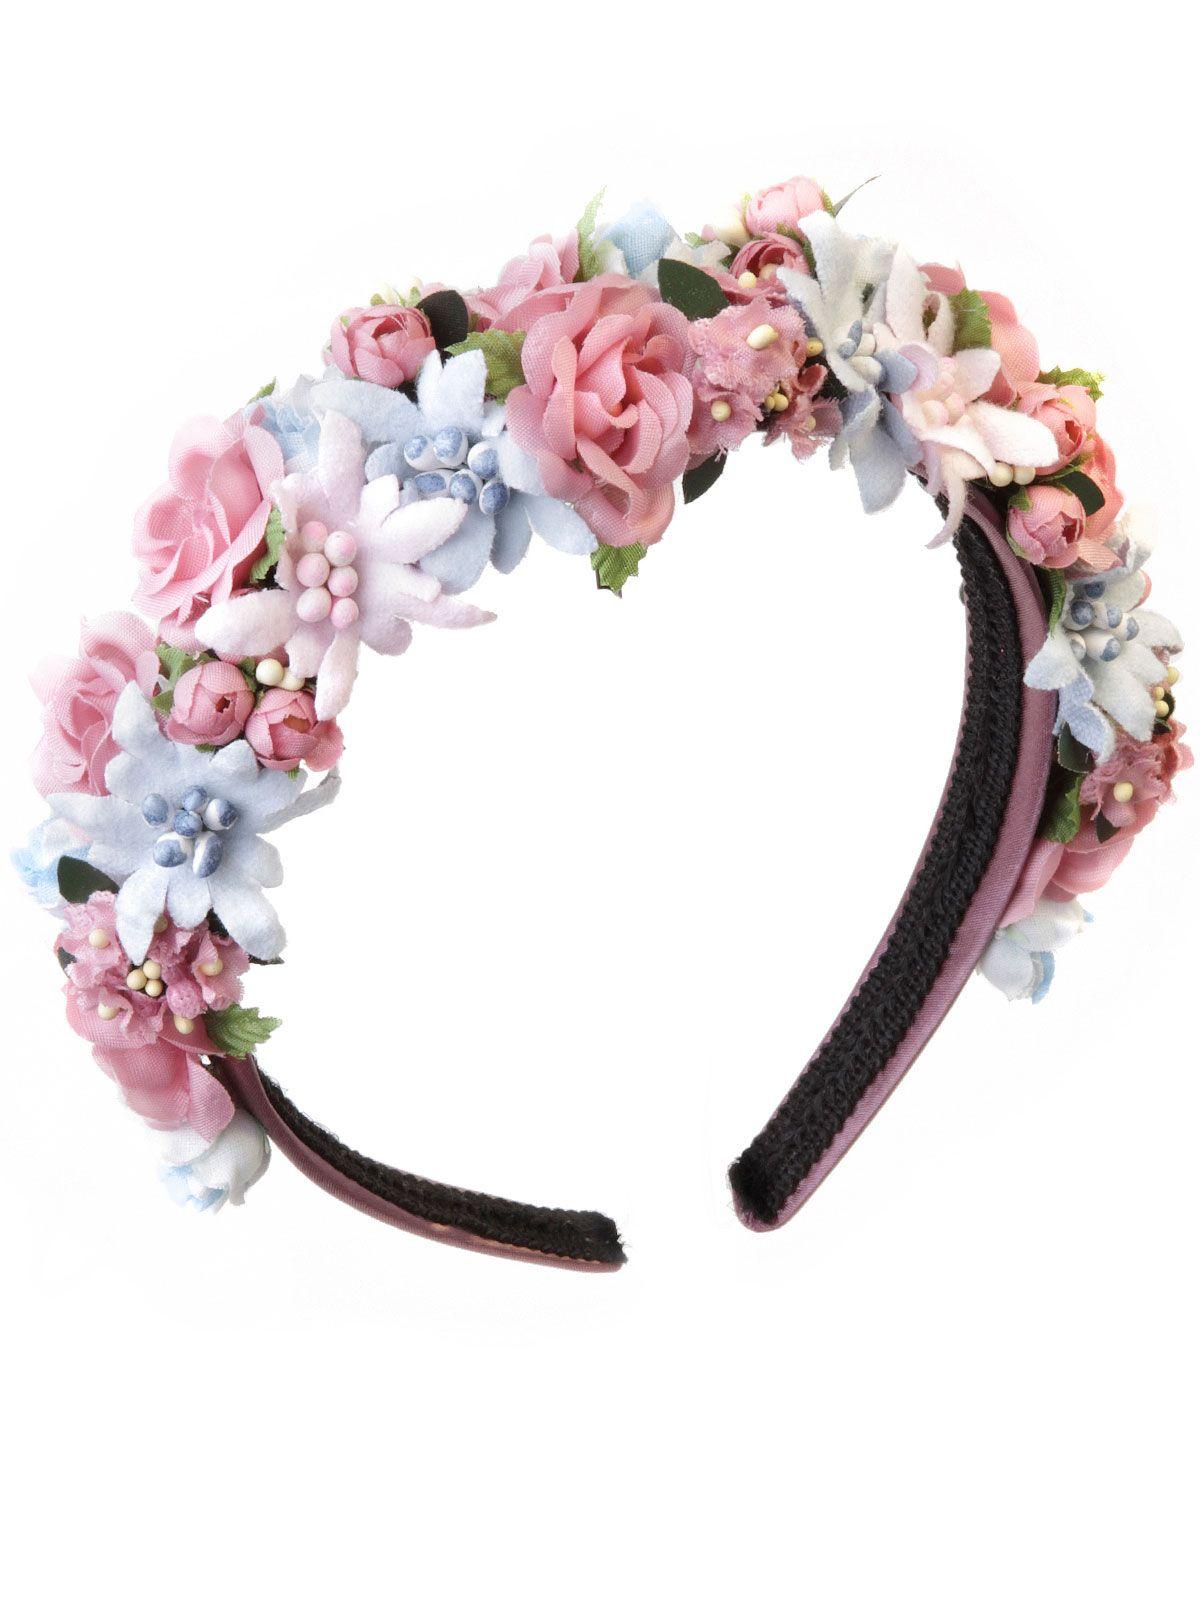 Blumenhaarband, Blumenkranz, Hair, Frisur,  Haarreifen - Flower Crown von LIMBERRY für süße Sommernachtsträume.